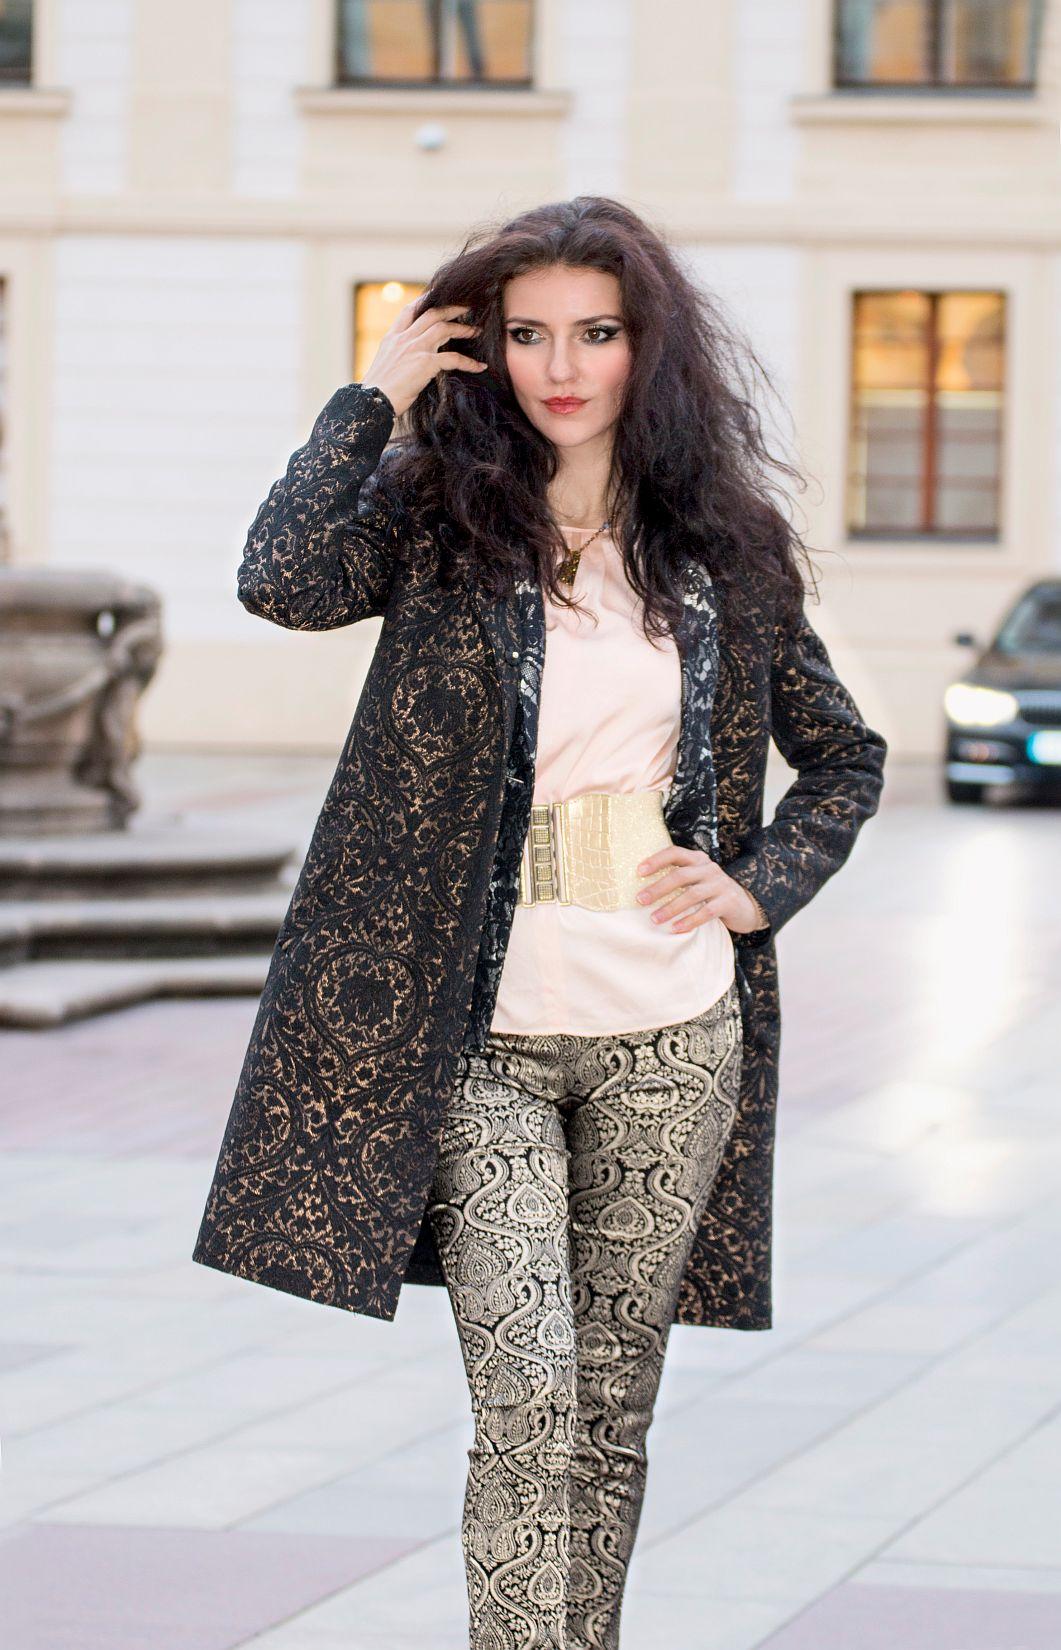 d8562a153dcc Viac sa dozvieš na mojich dvoch instagram profiloch – sleduj myamirell a  mya mirell a facebook stránkach o móde  Mya Mirell Fashionista a mojej  osobnej fan ...